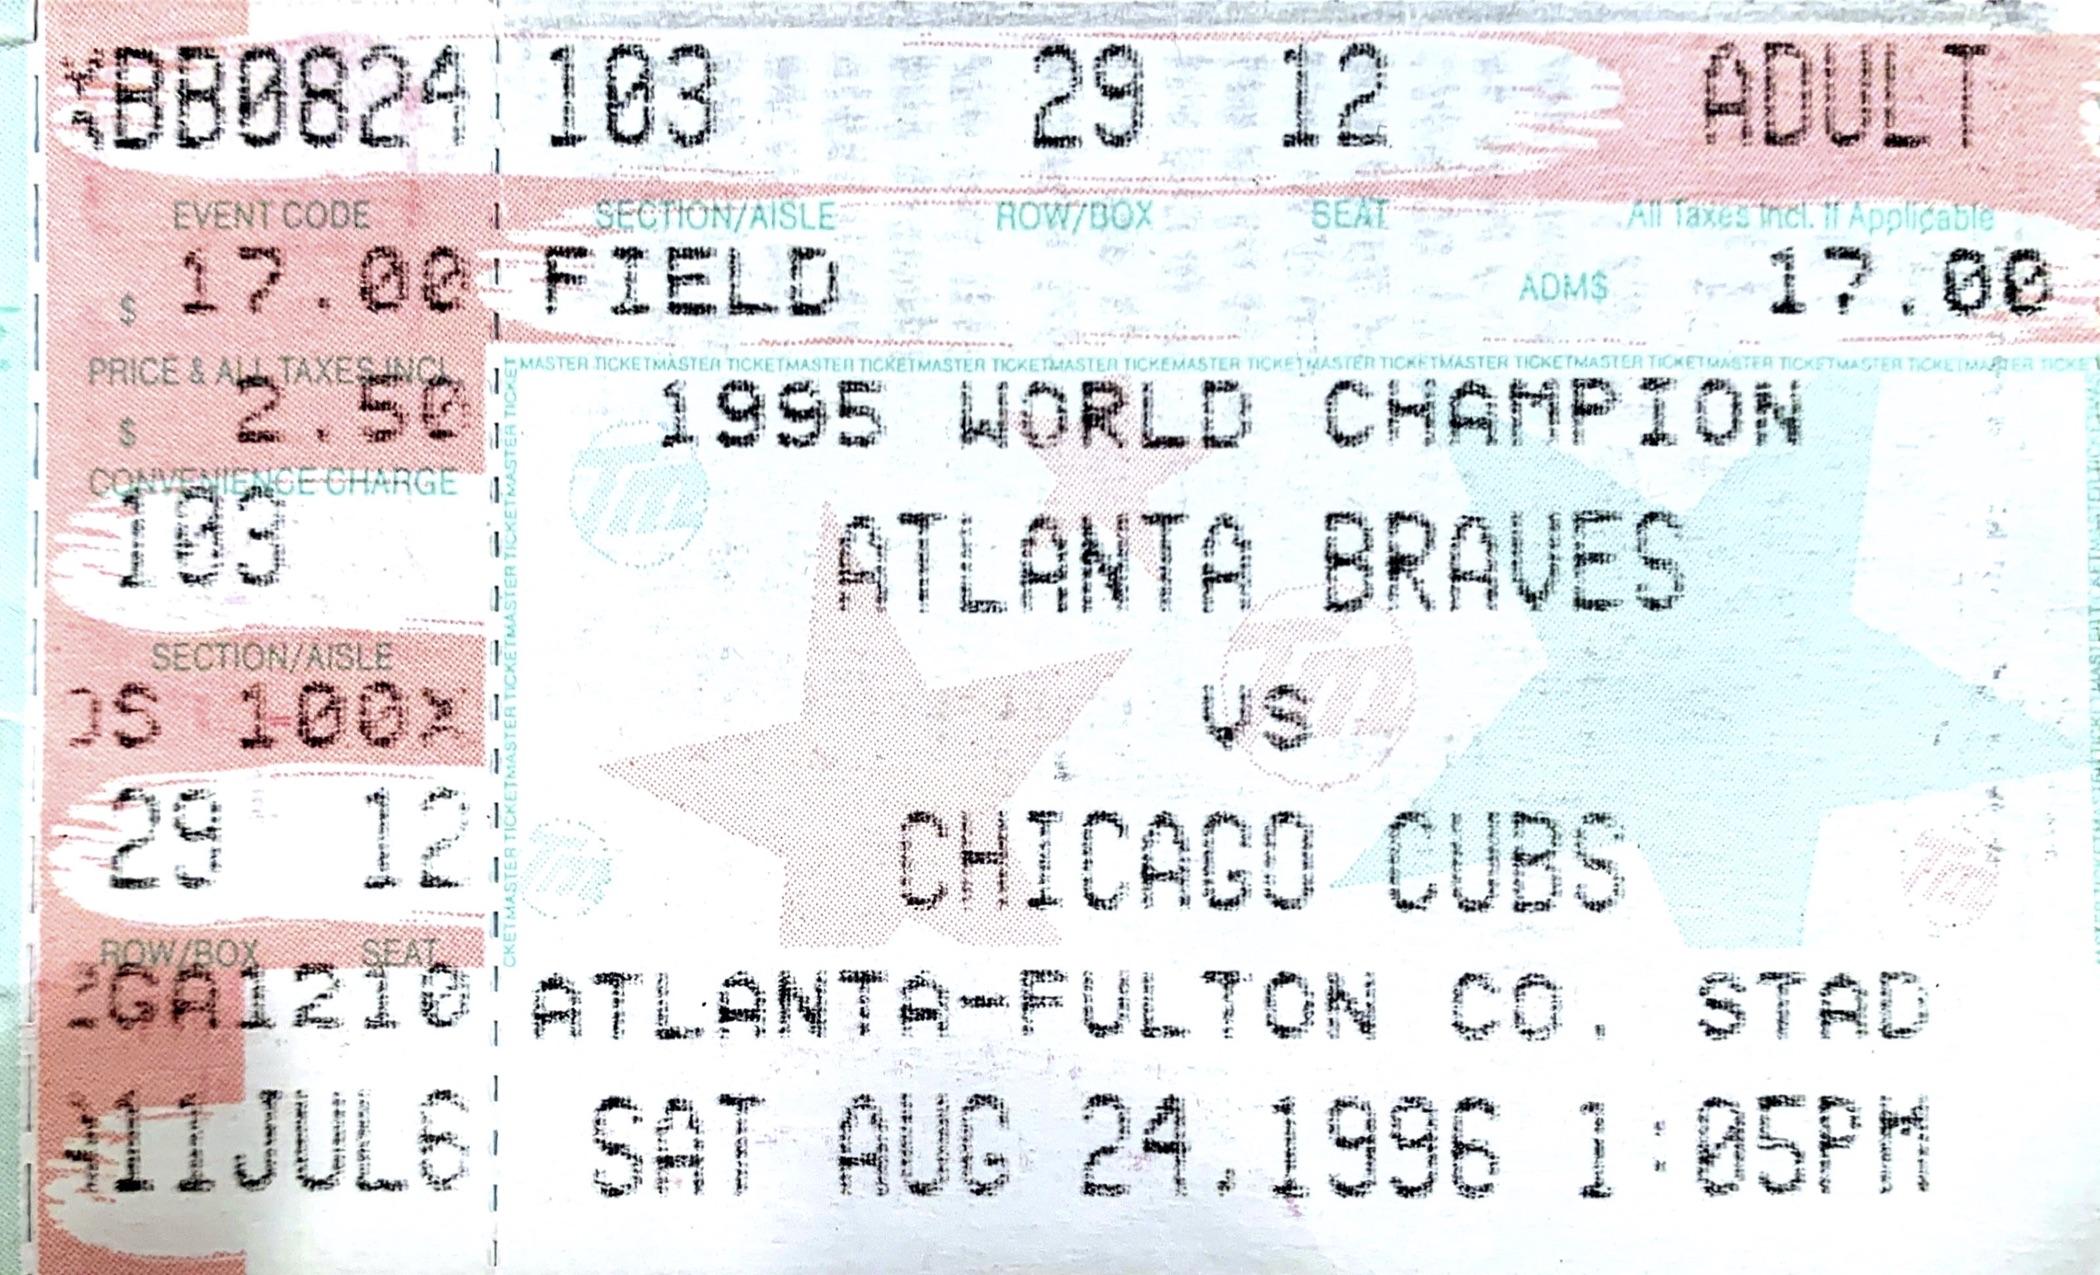 August 24, 1996 ticket stub (MADISON McENTIRE)